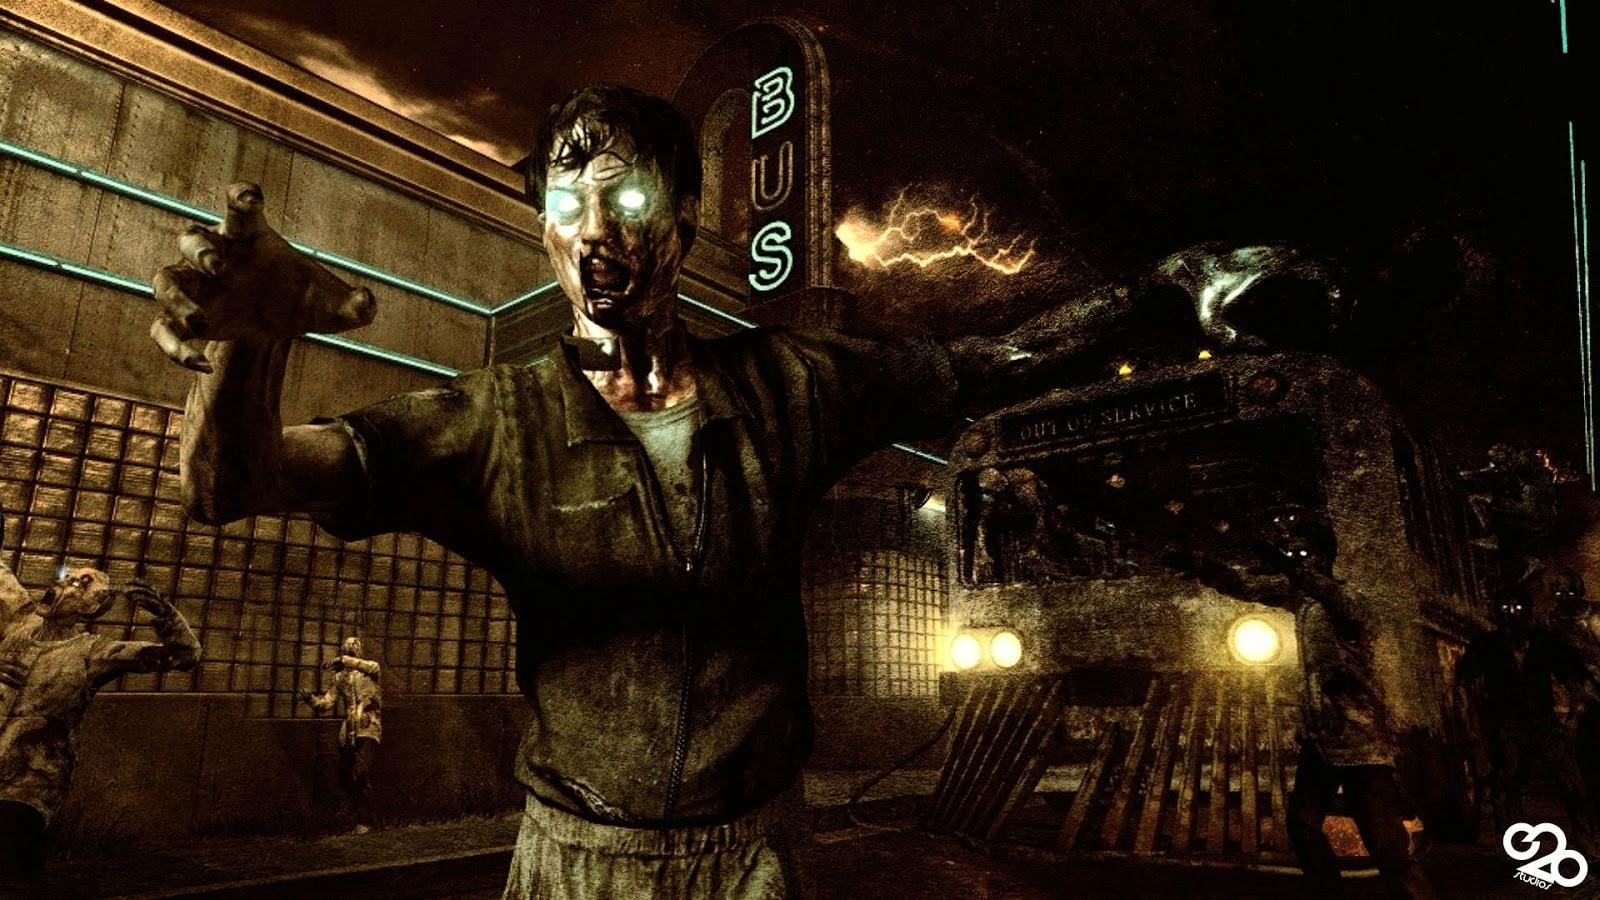 Fond d'écran zombie animé - Fonds d'écran HD